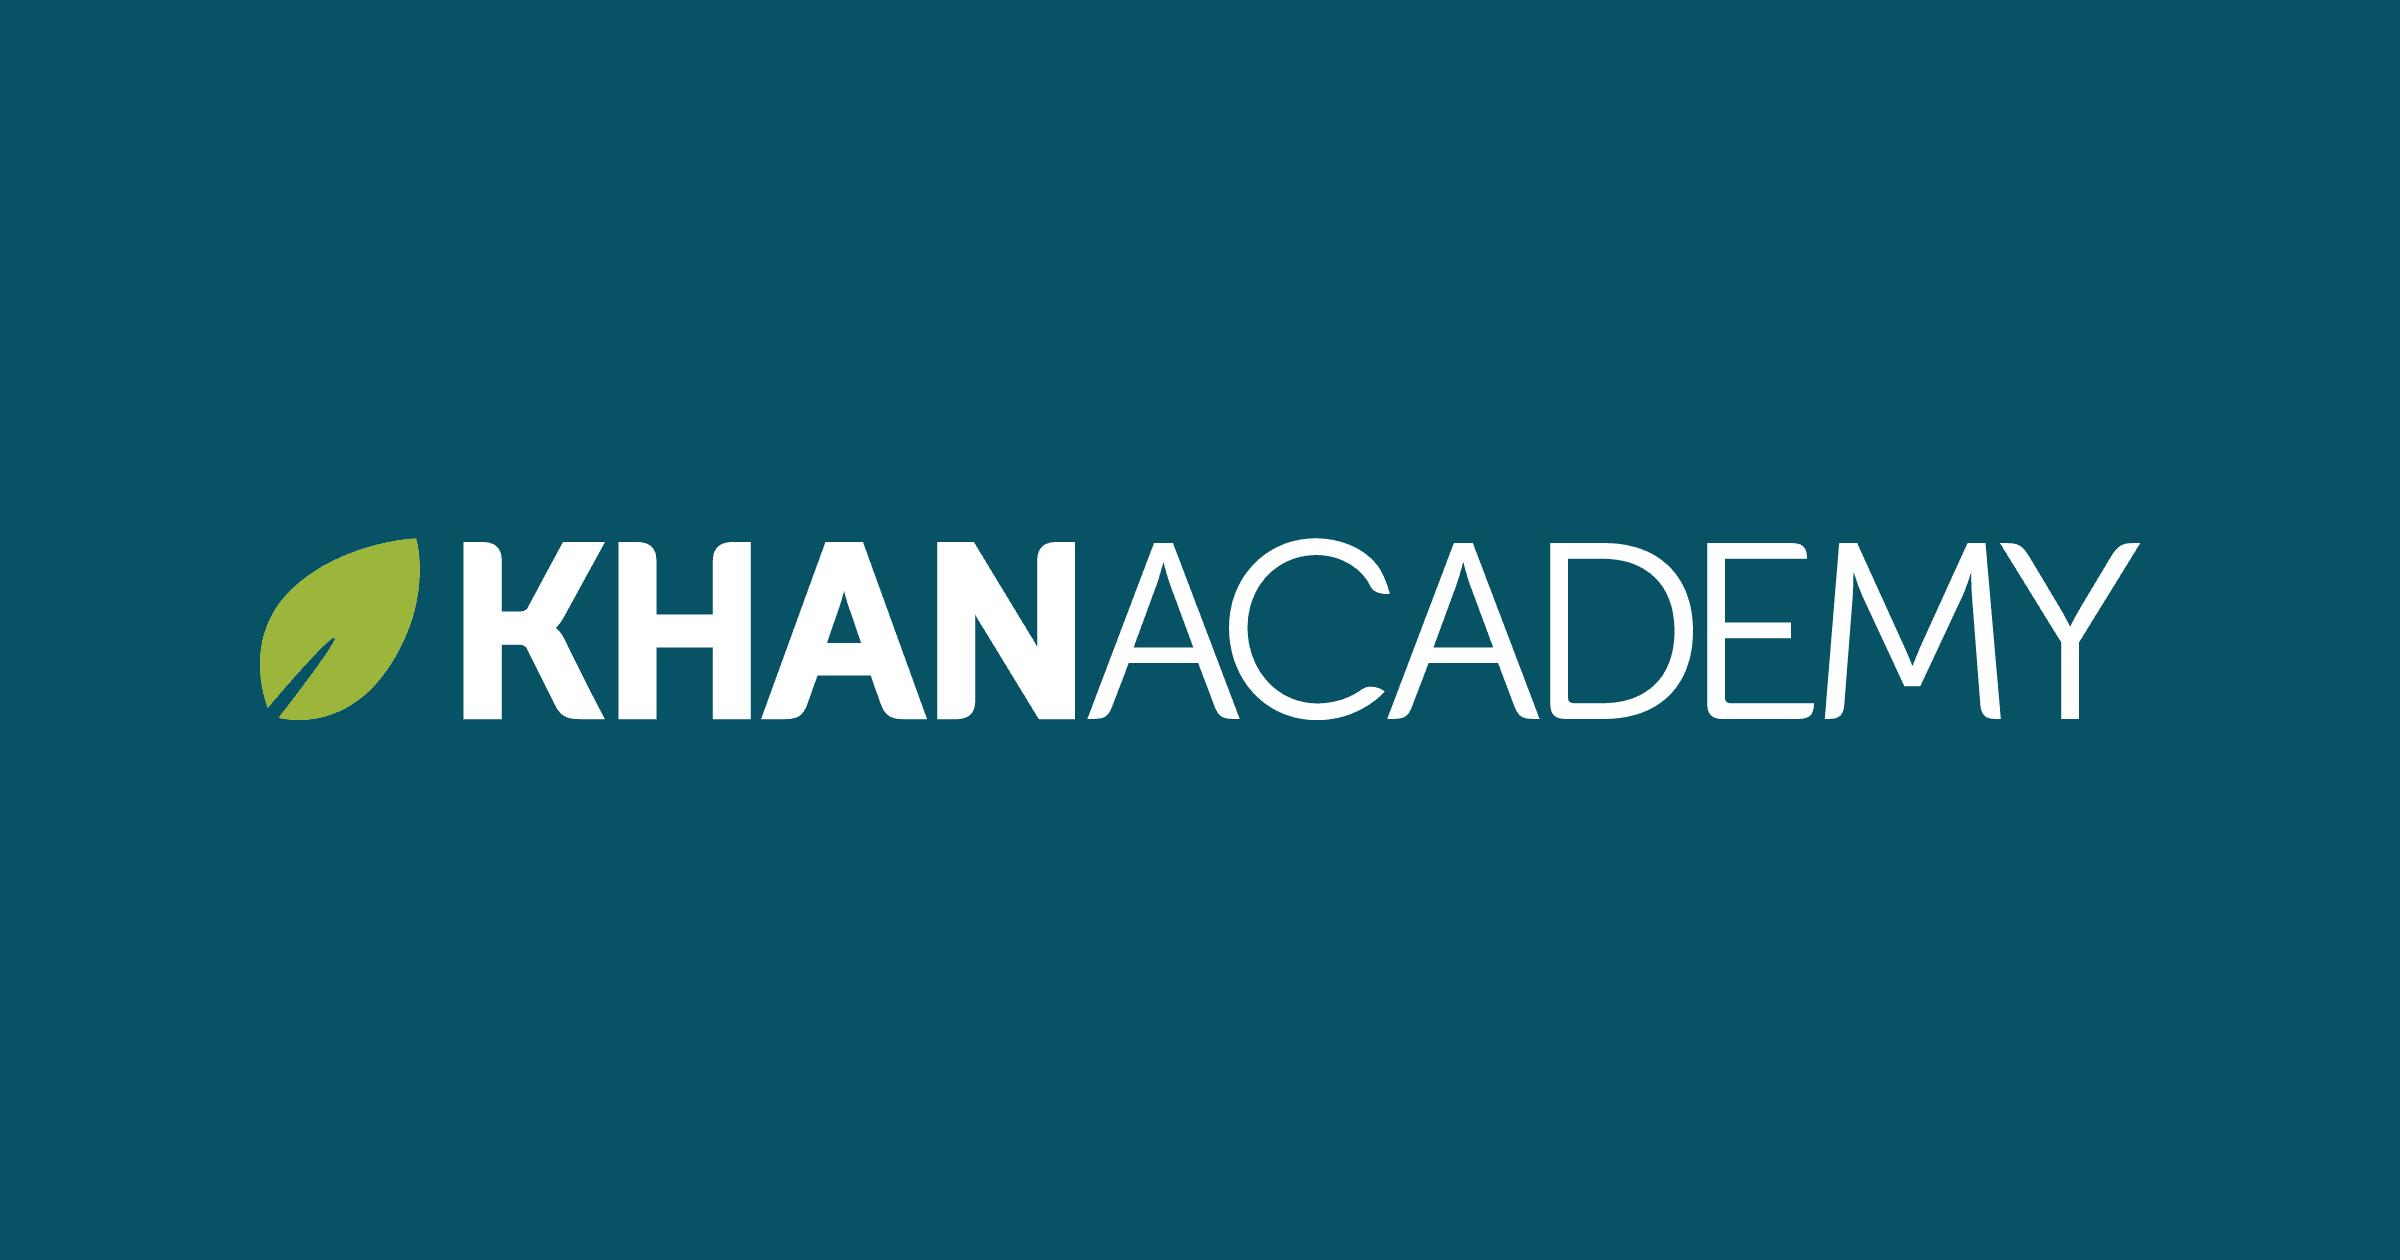 Khan Academy Online Course